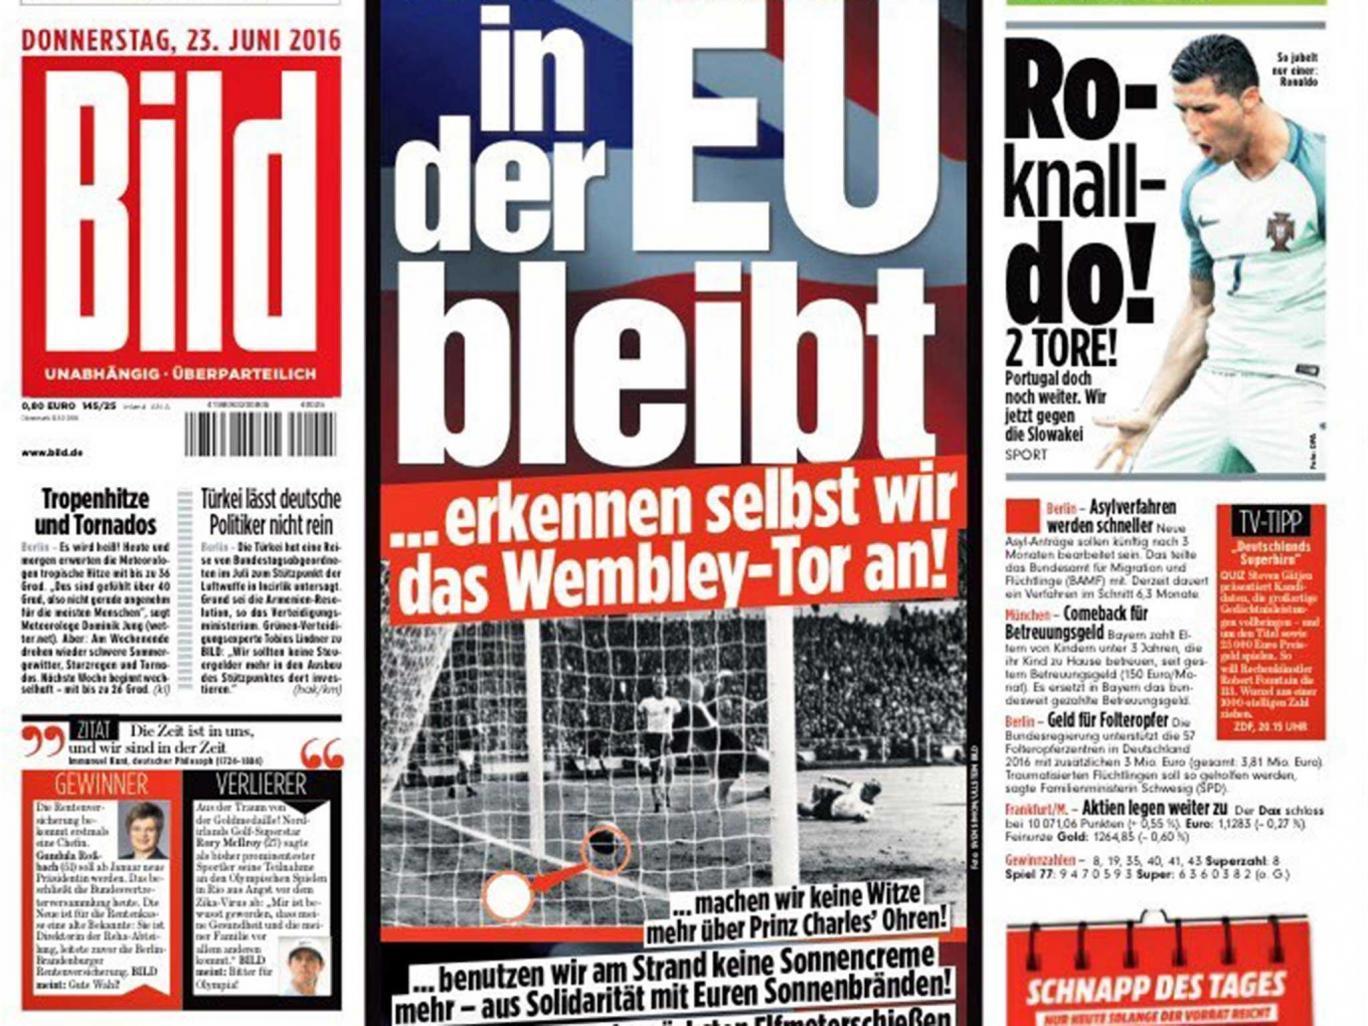 Bild: Если Великобритания останется в членстве ЕС, мы заявим о прохождении мяча в ворота на ЧМ в 1966 году